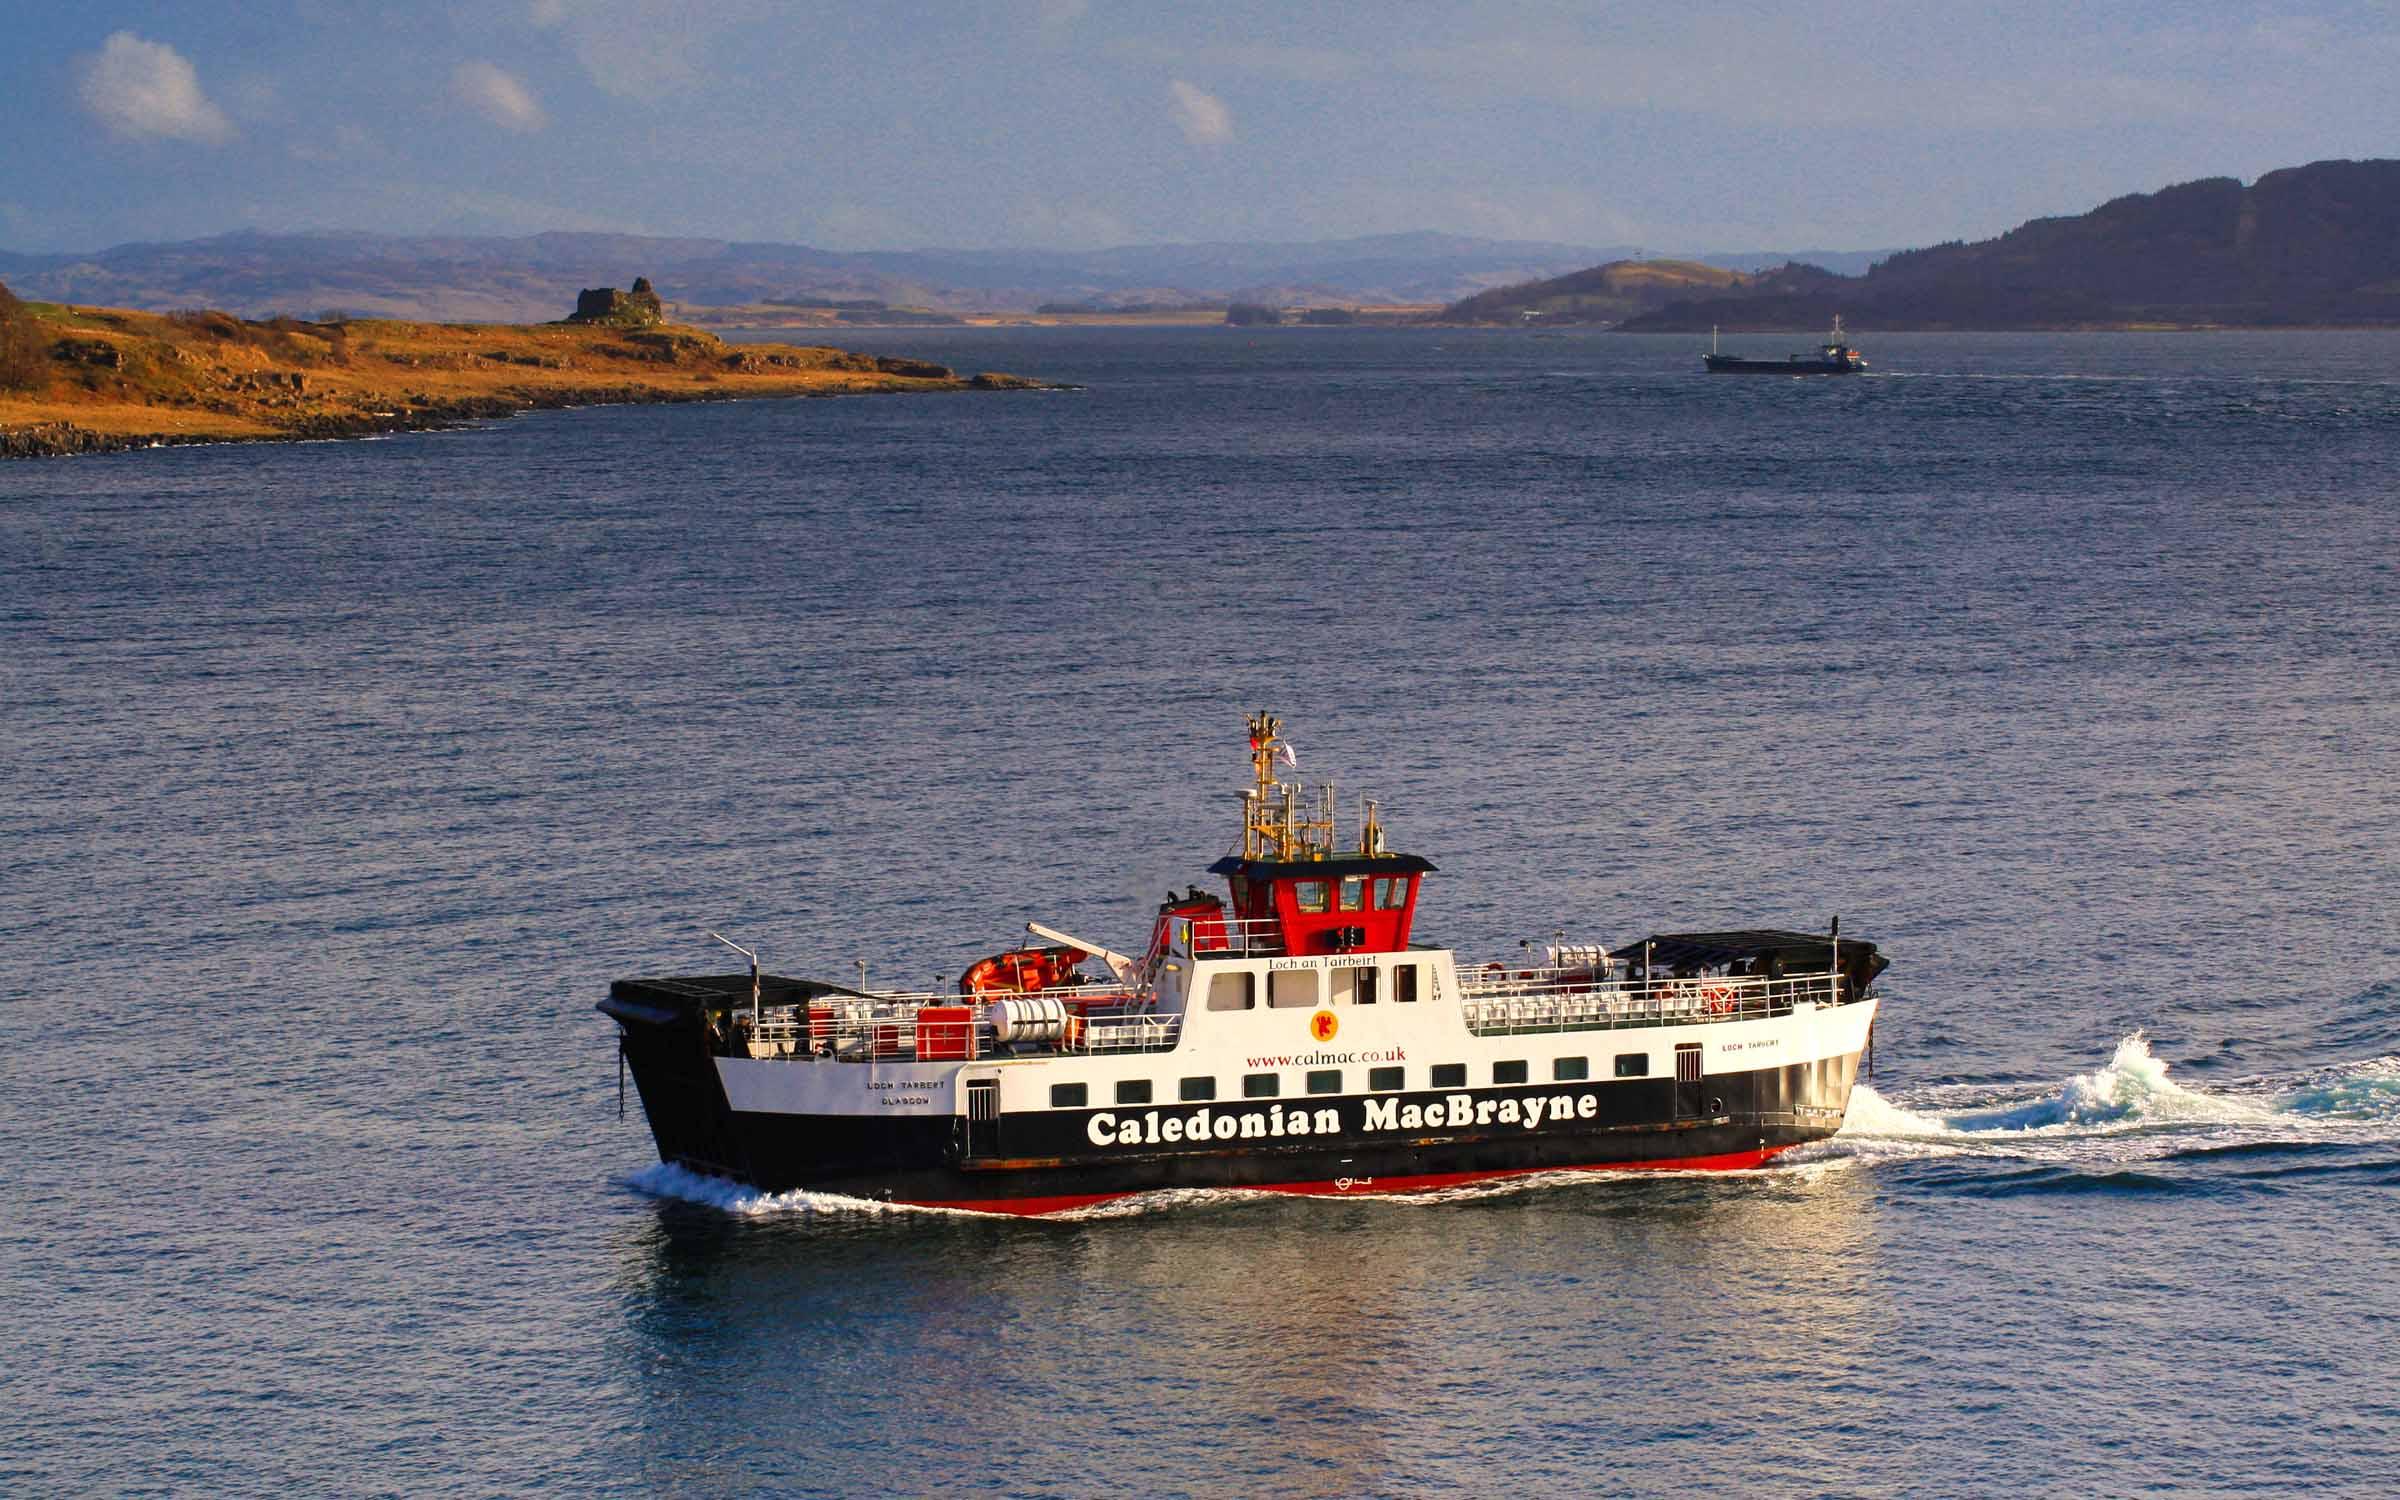 Loch Tarbert crossing from Fishnish to Lochaline (Ships of CalMac)